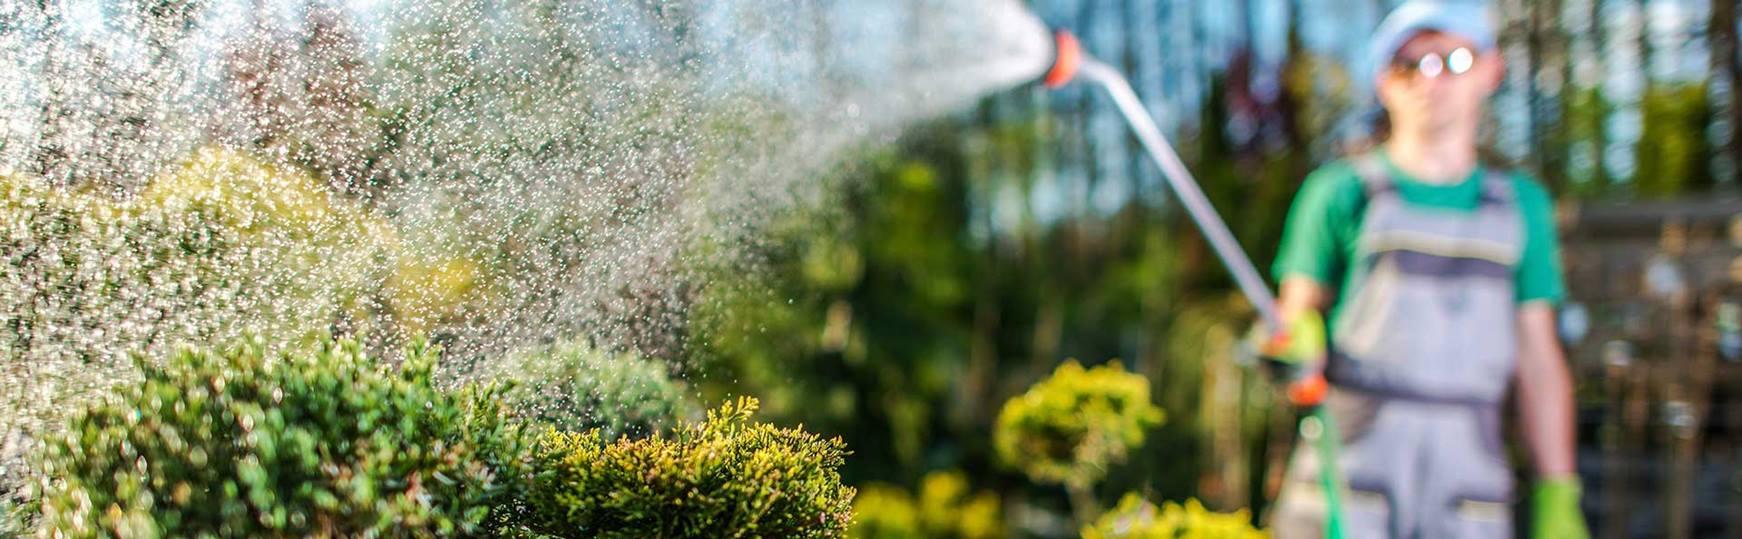 Full Size of Bewässerung Garten Wasser Marsch Richtige Bewsserung Fr Den Gartenüberdachung Spielhaus Holz Sitzbank Ecksofa Schwimmingpool Für Kugelleuchte Trennwand Garten Bewässerung Garten